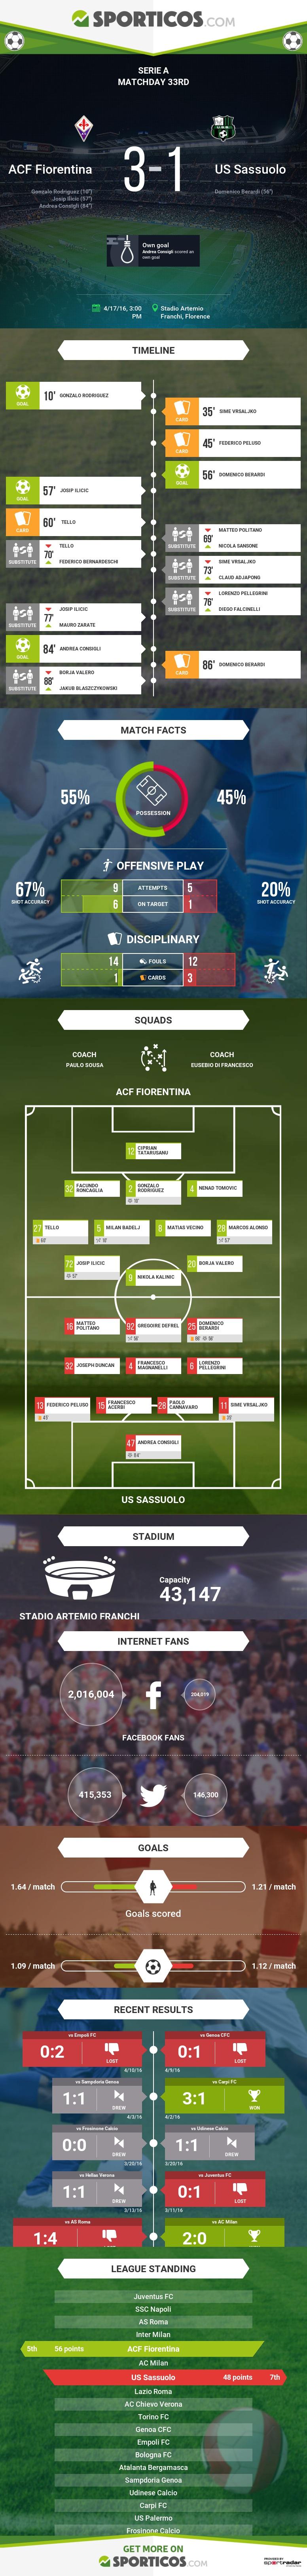 Sporticos_com_acf_fiorentina_vs_us_sassuolo